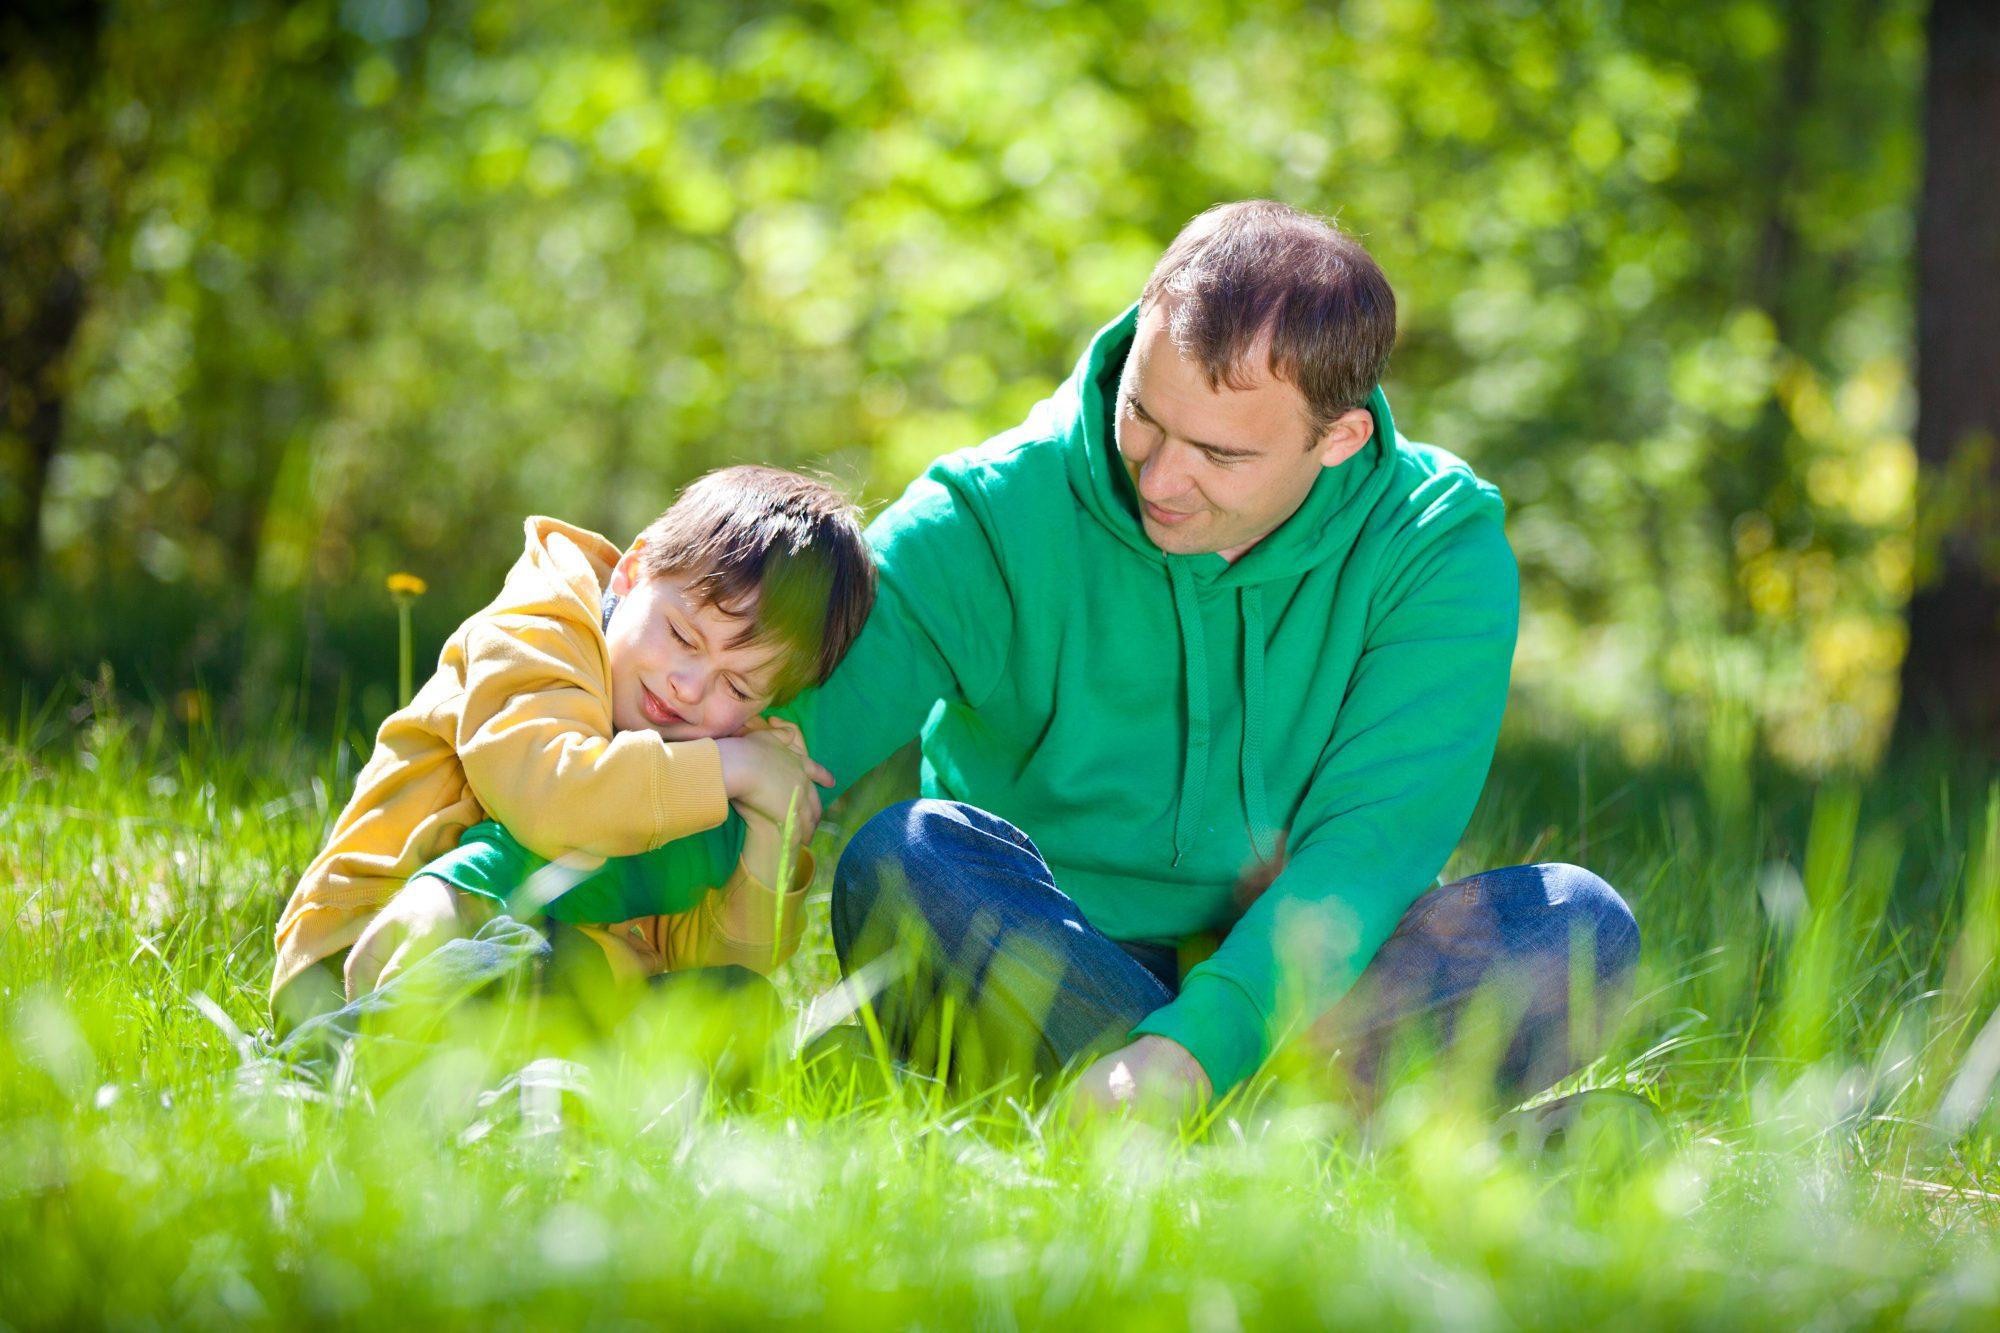 vader helpt verdrietig kind buiten